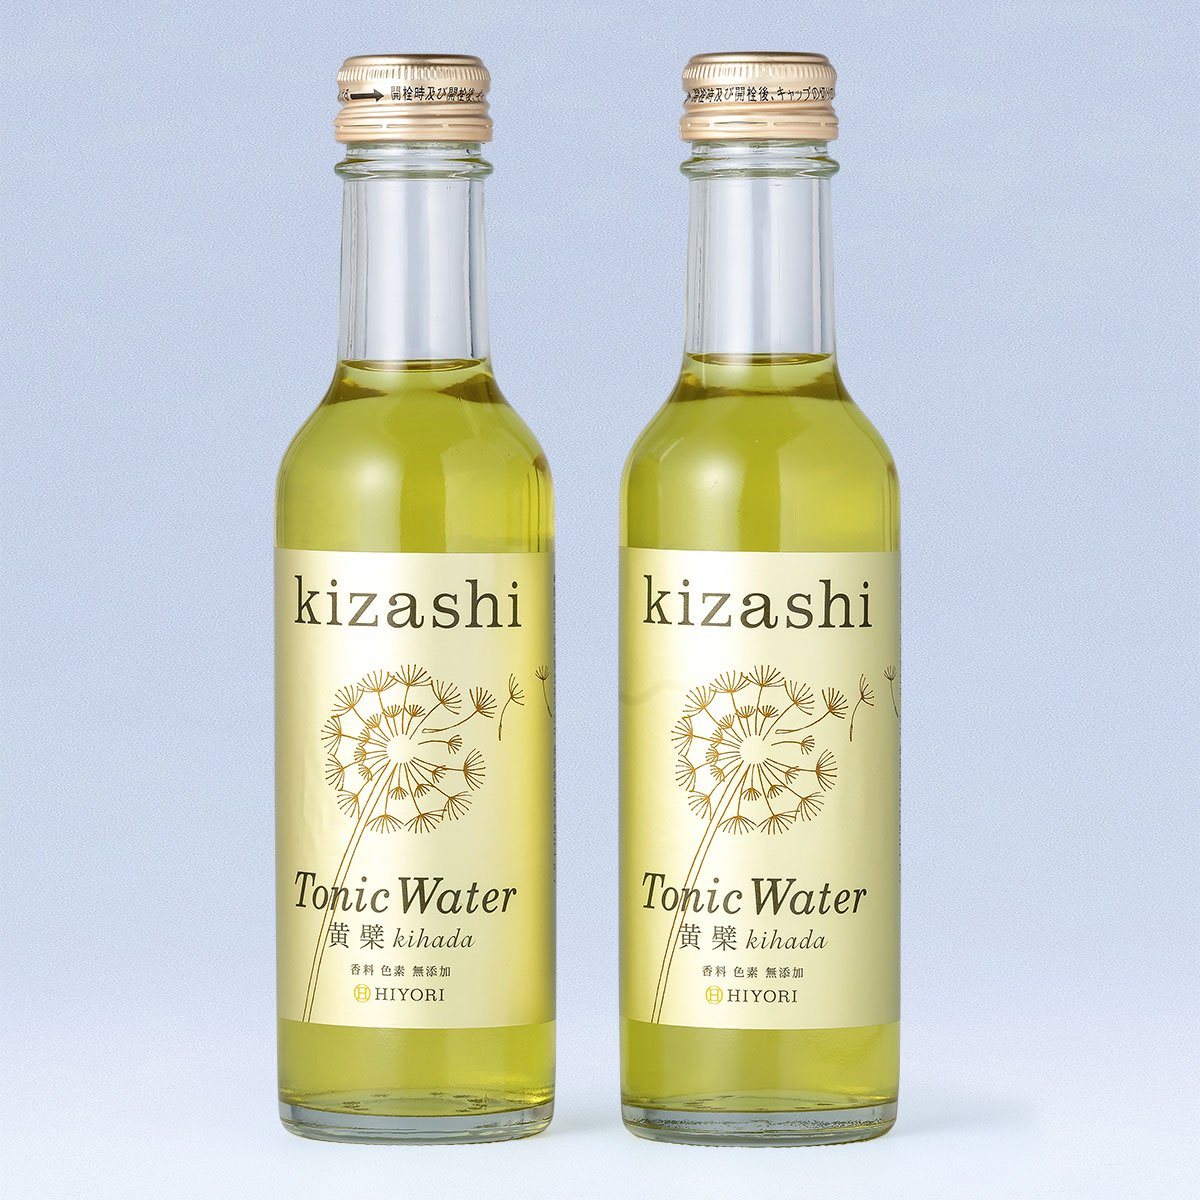 kizashiジントニック【kizashi単体/2本】